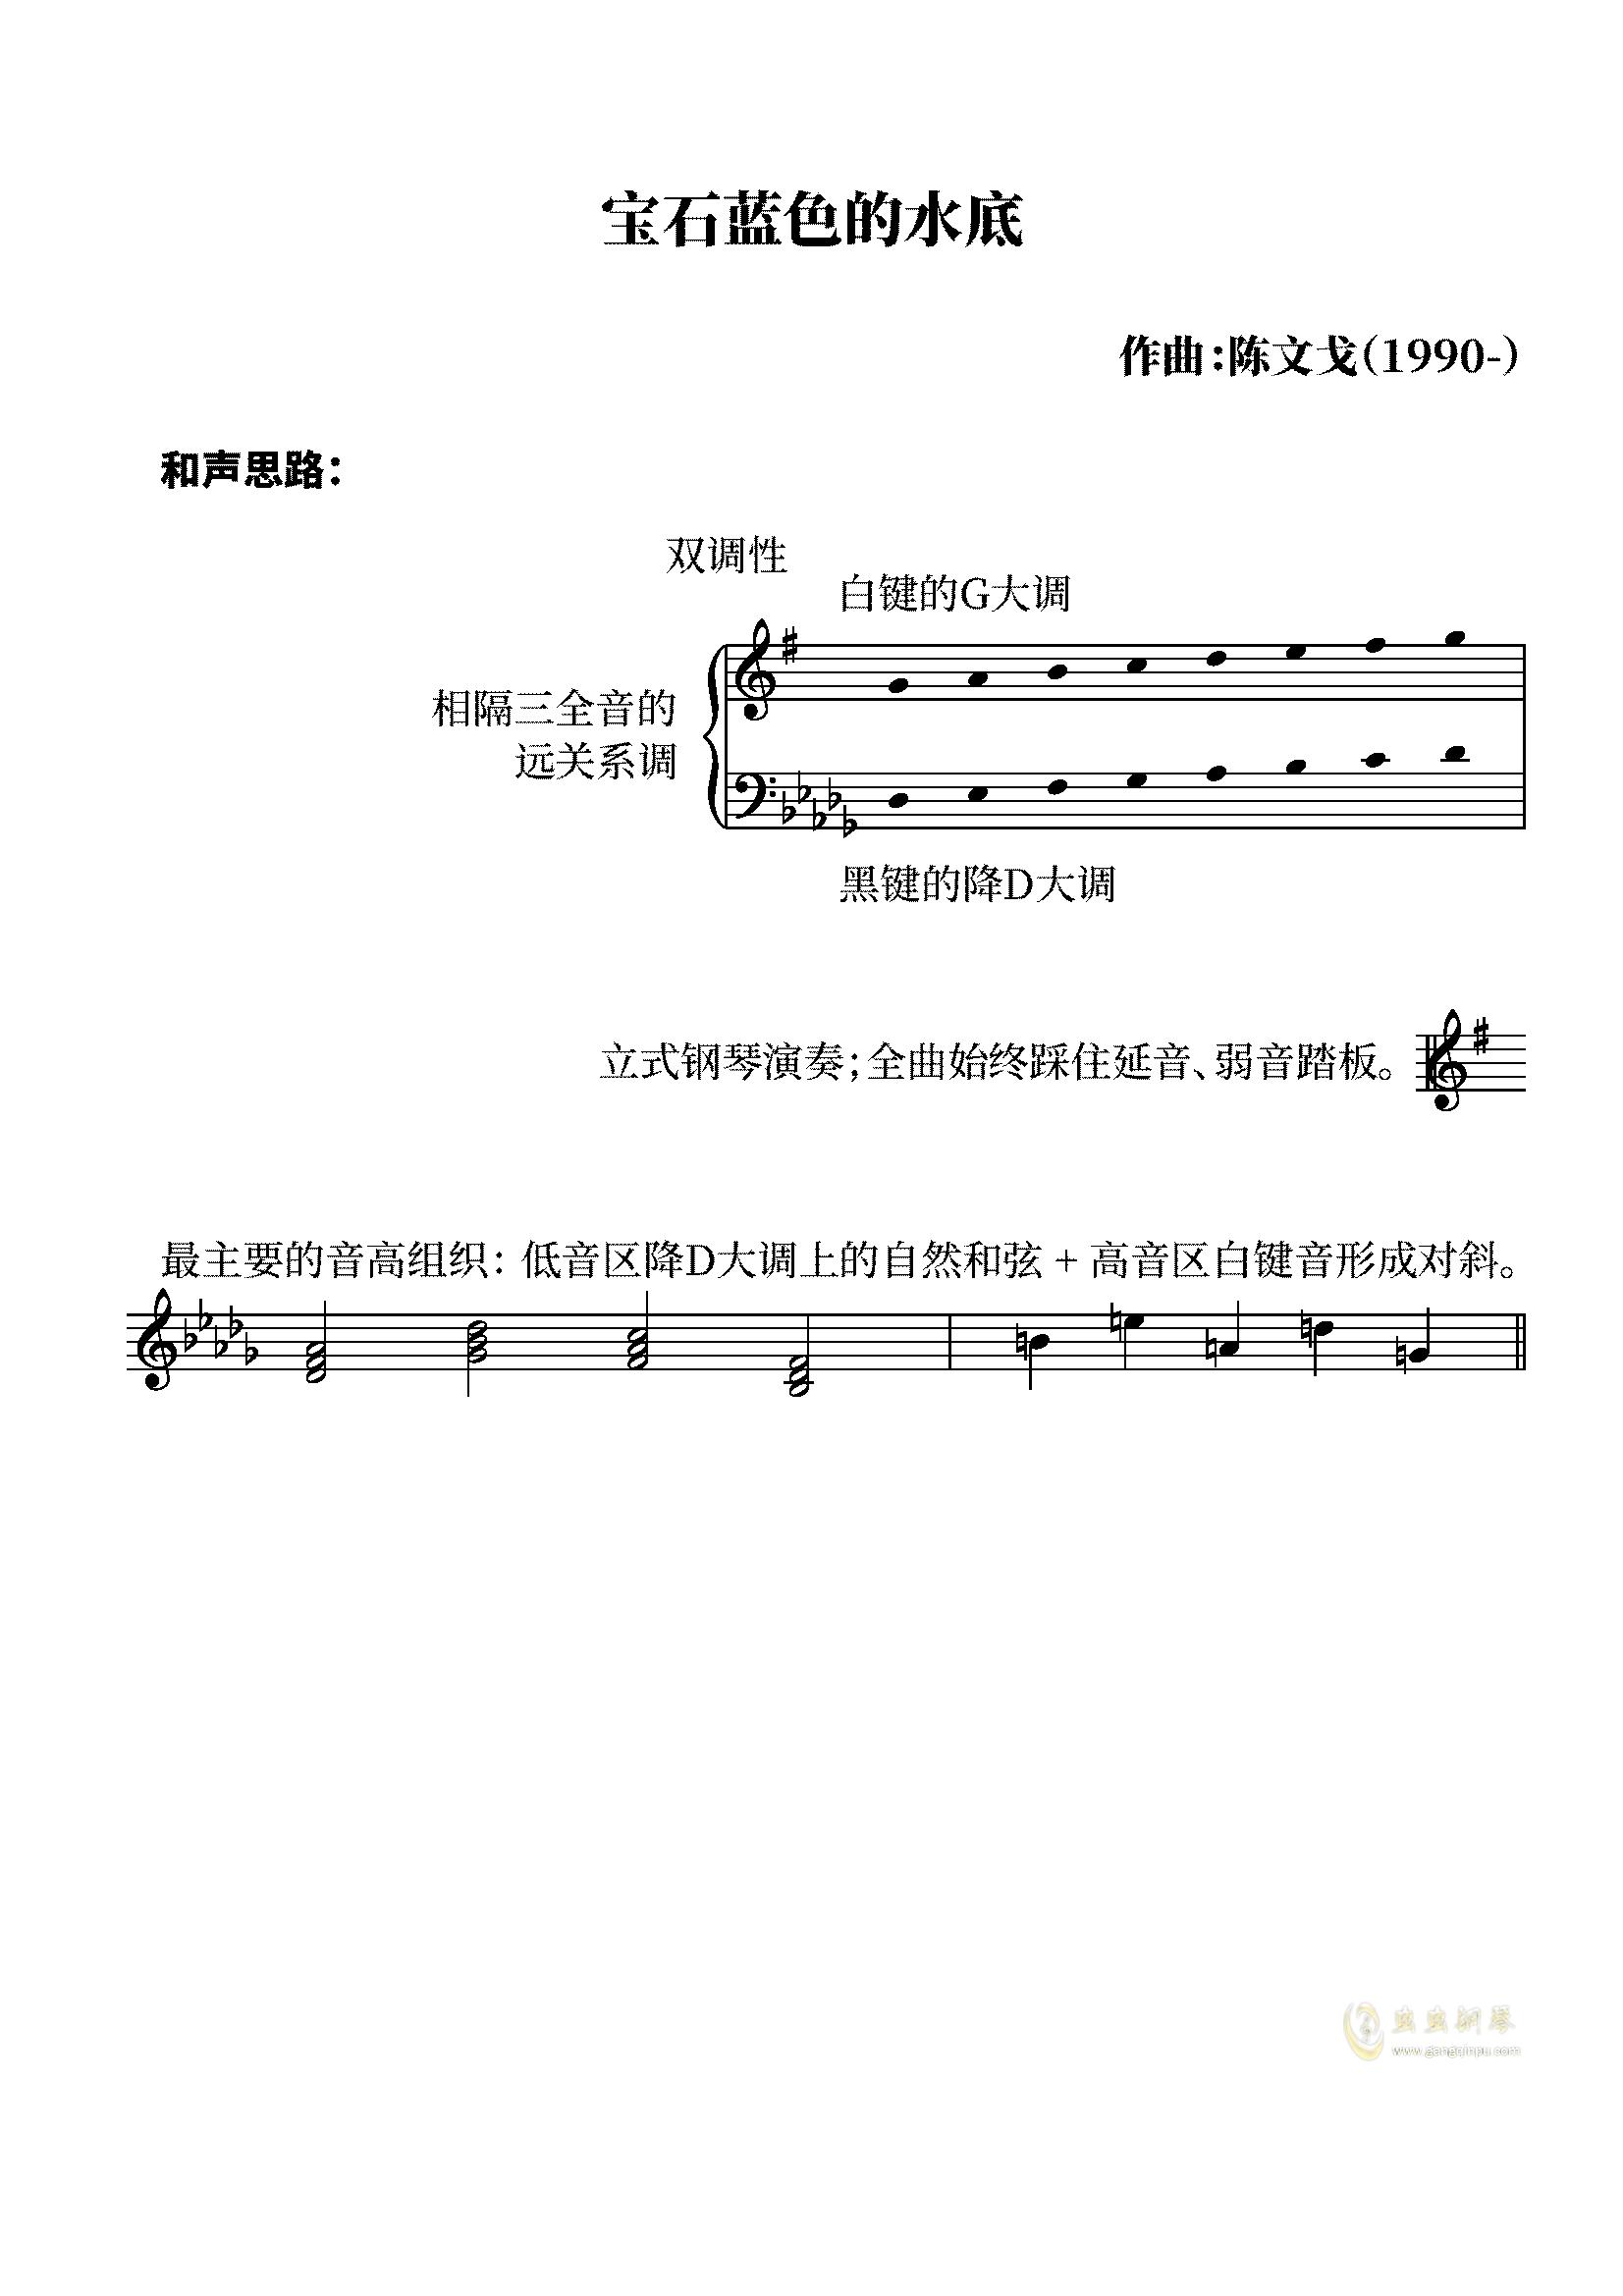 宝石蓝水底, 陈文戈钢琴谱 第1页